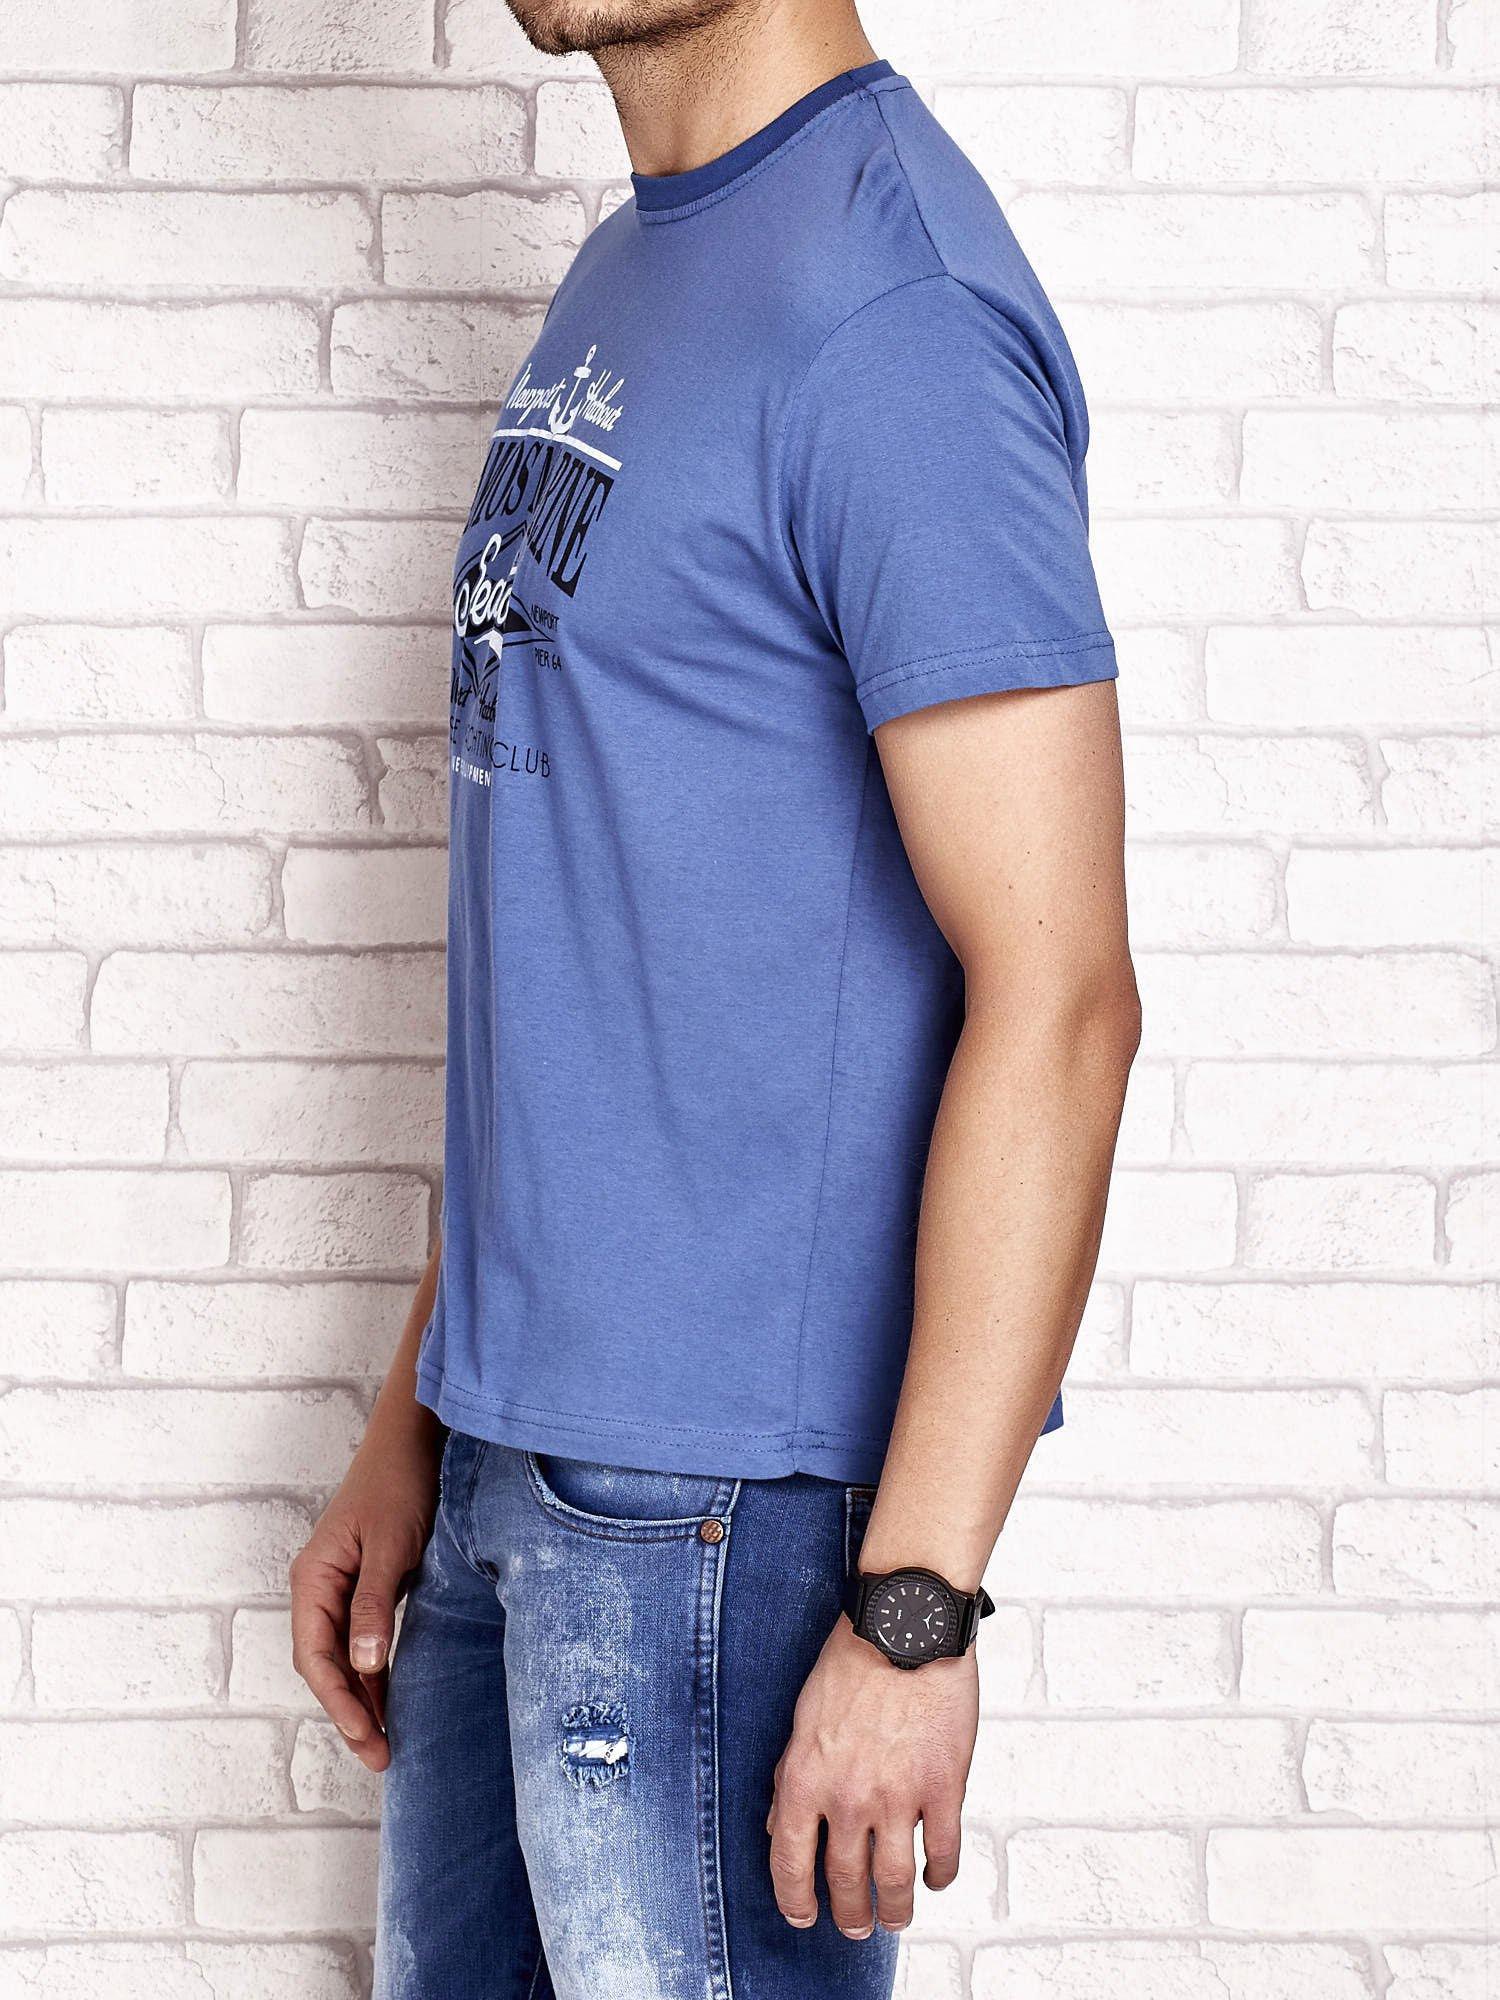 Ciemnoniebieski t-shirt męski z napisami i kotwicą                                  zdj.                                  3